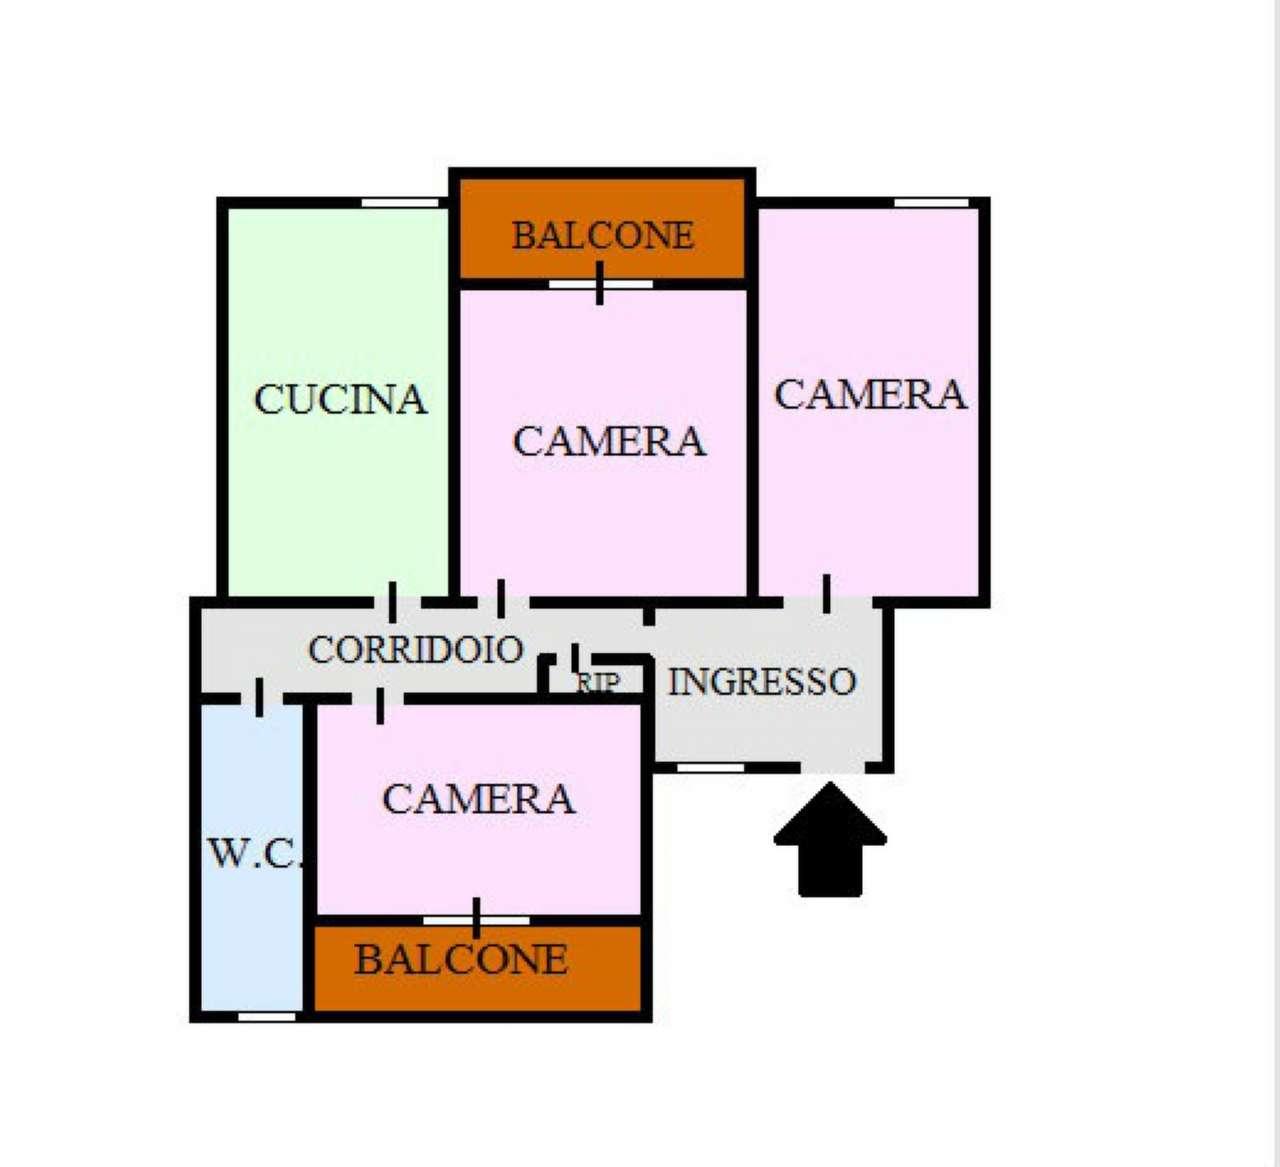 Appartamento in vendita a Portici, 3 locali, prezzo € 265.000 | Cambio Casa.it